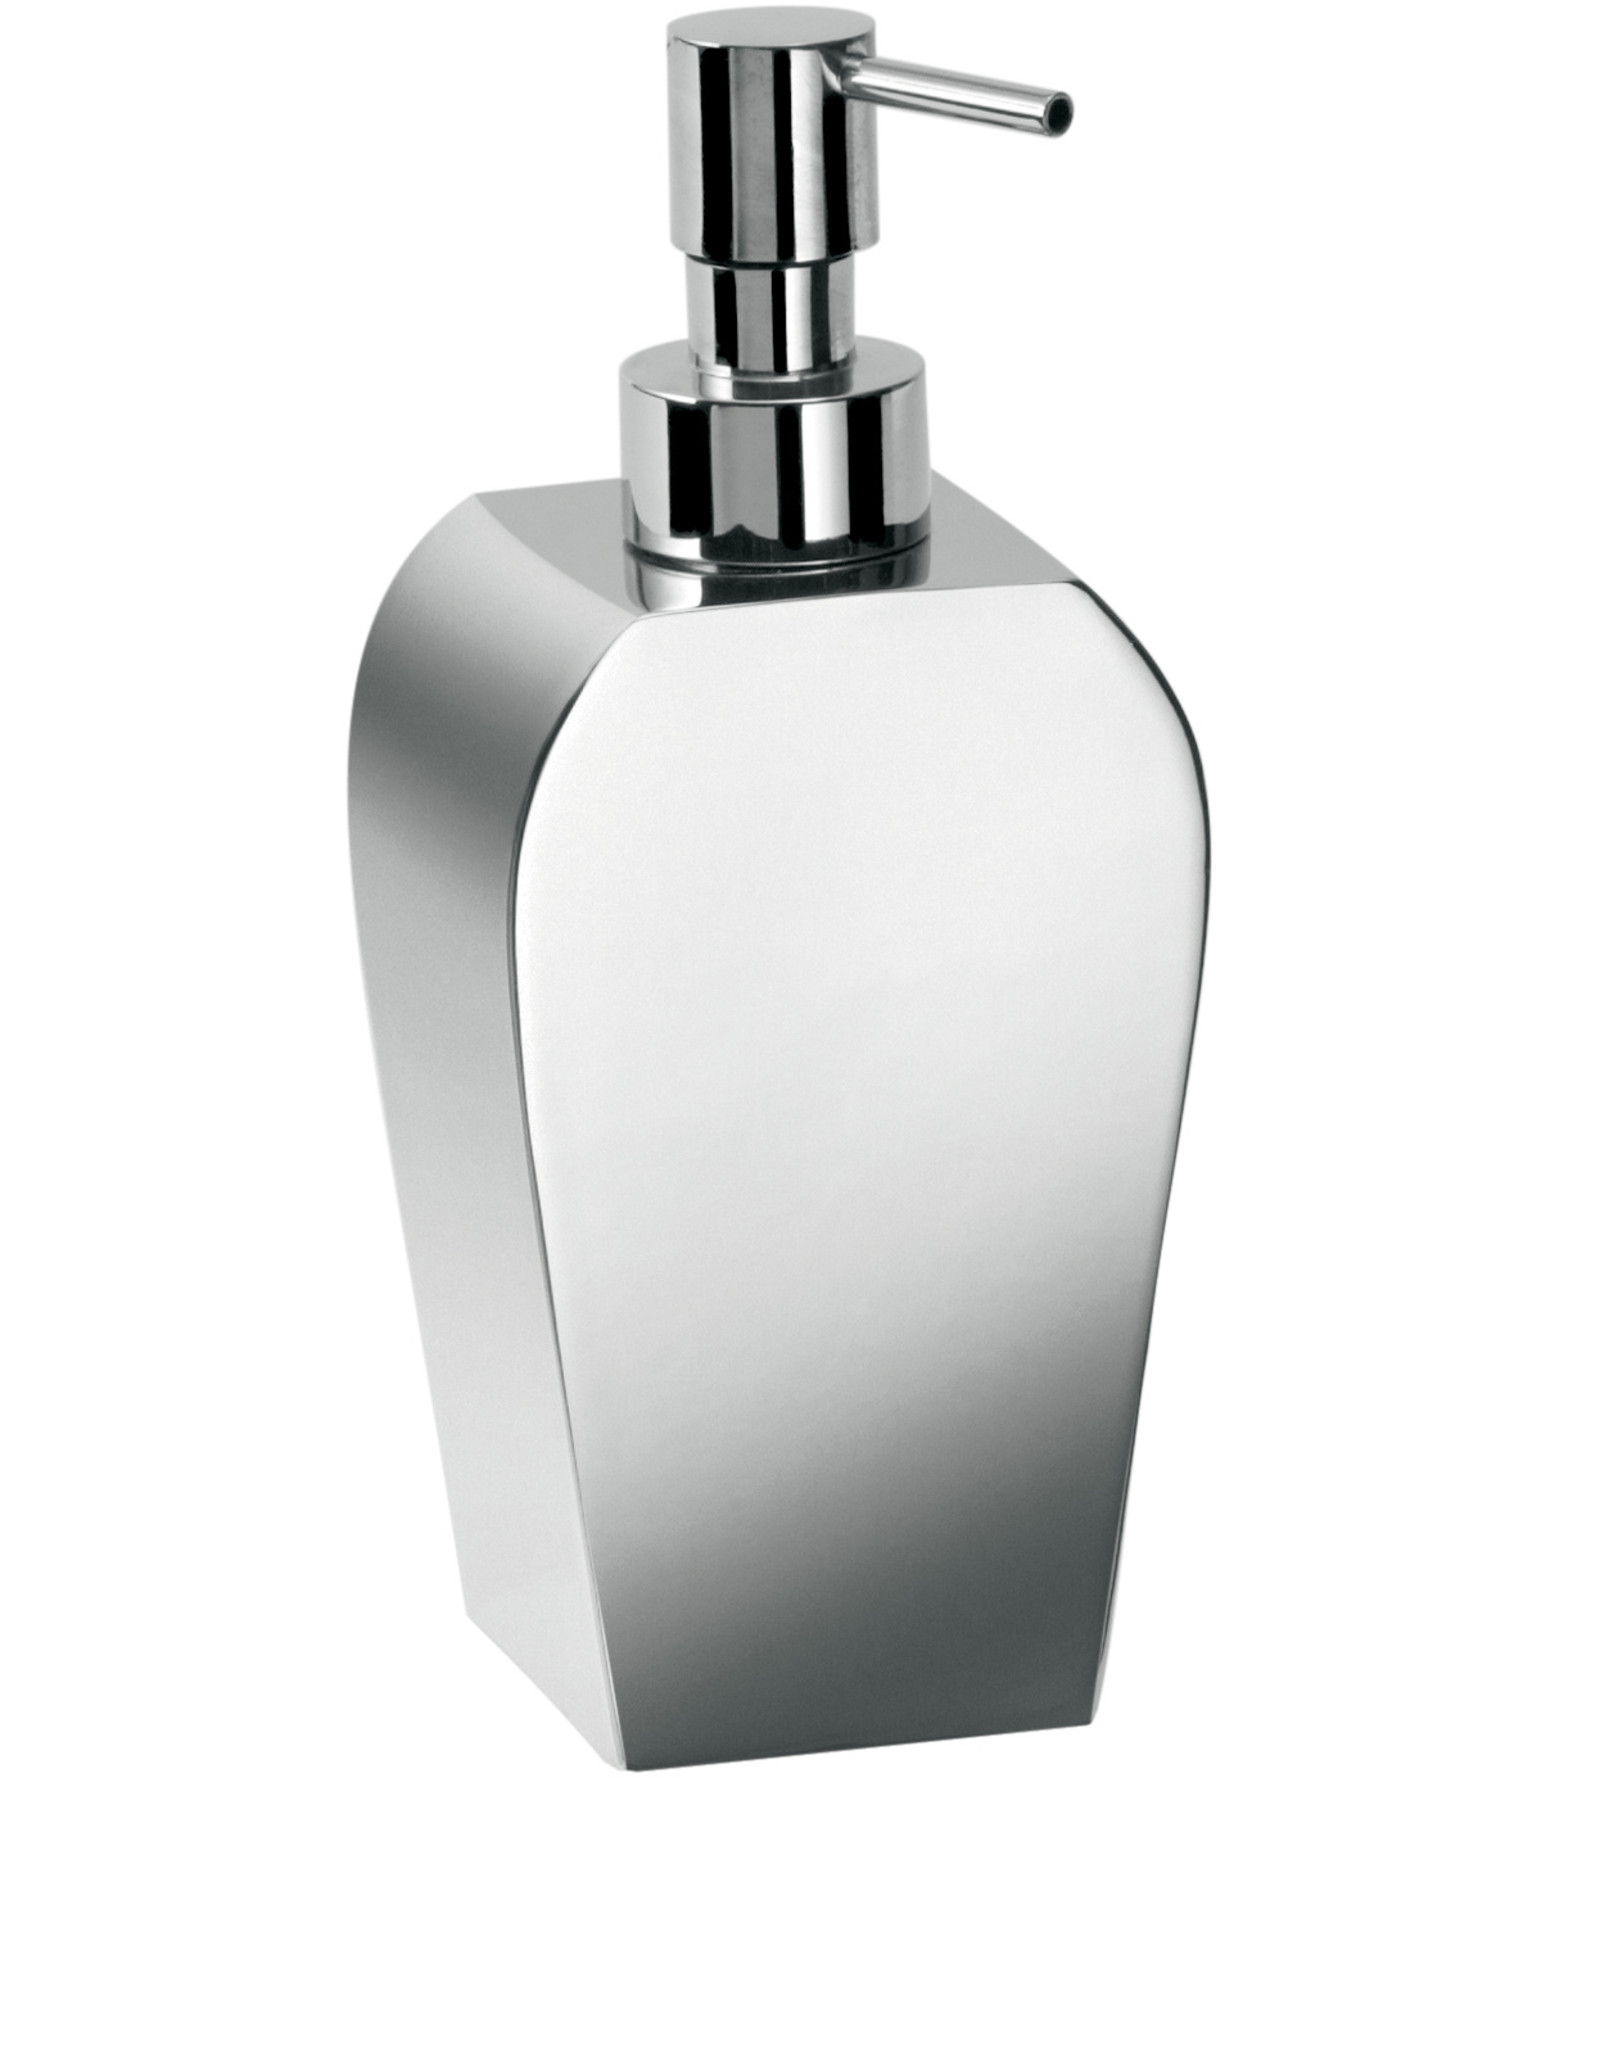 Saon zeepdispenser 17,5cm, staand model - uitverkoop